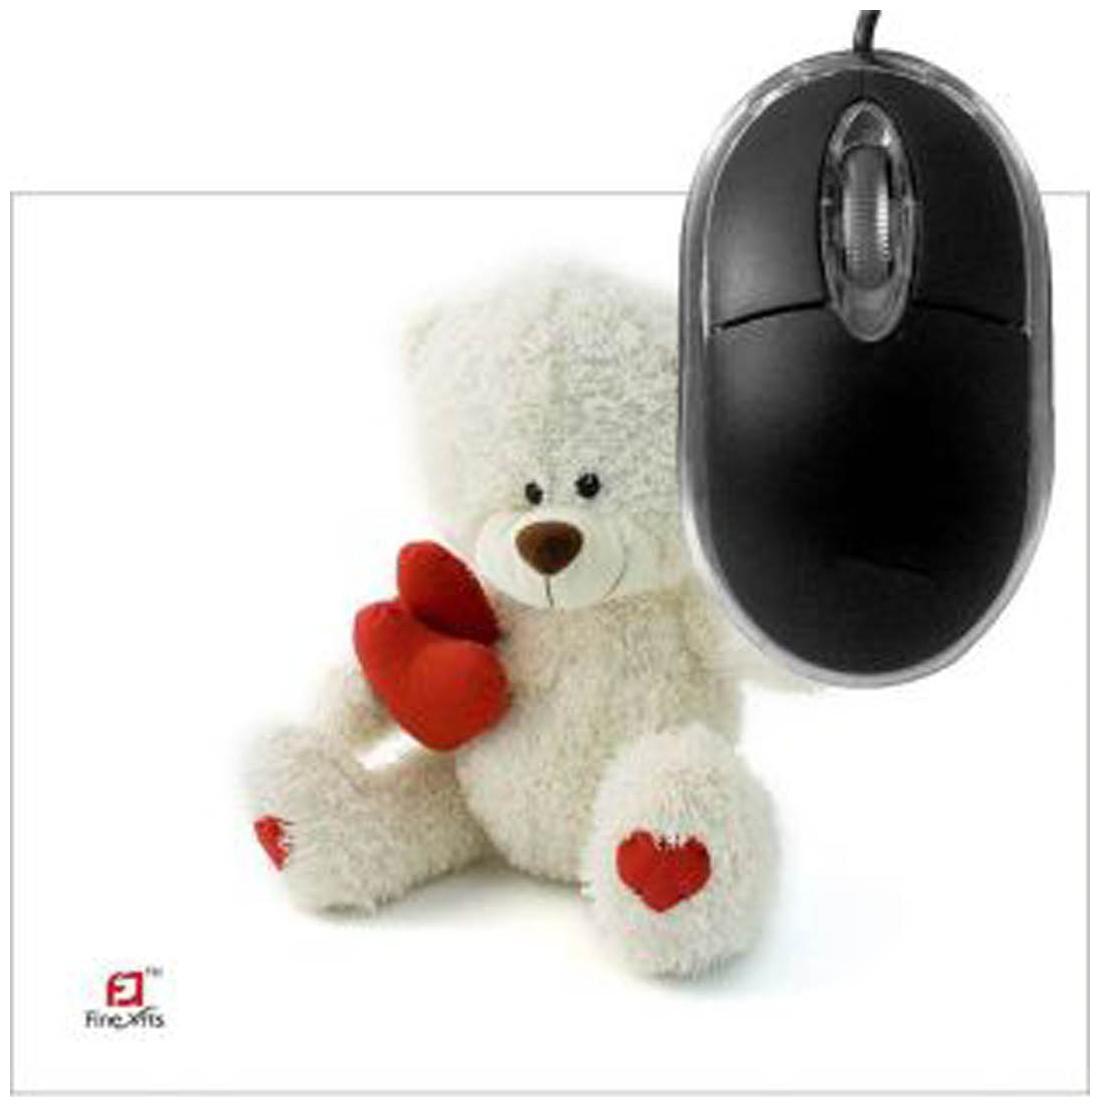 https://assetscdn1.paytm.com/images/catalog/product/G/GA/GAMFINEARTS-TEDFINE300795B0E82D6/1563522842953_0.jpg